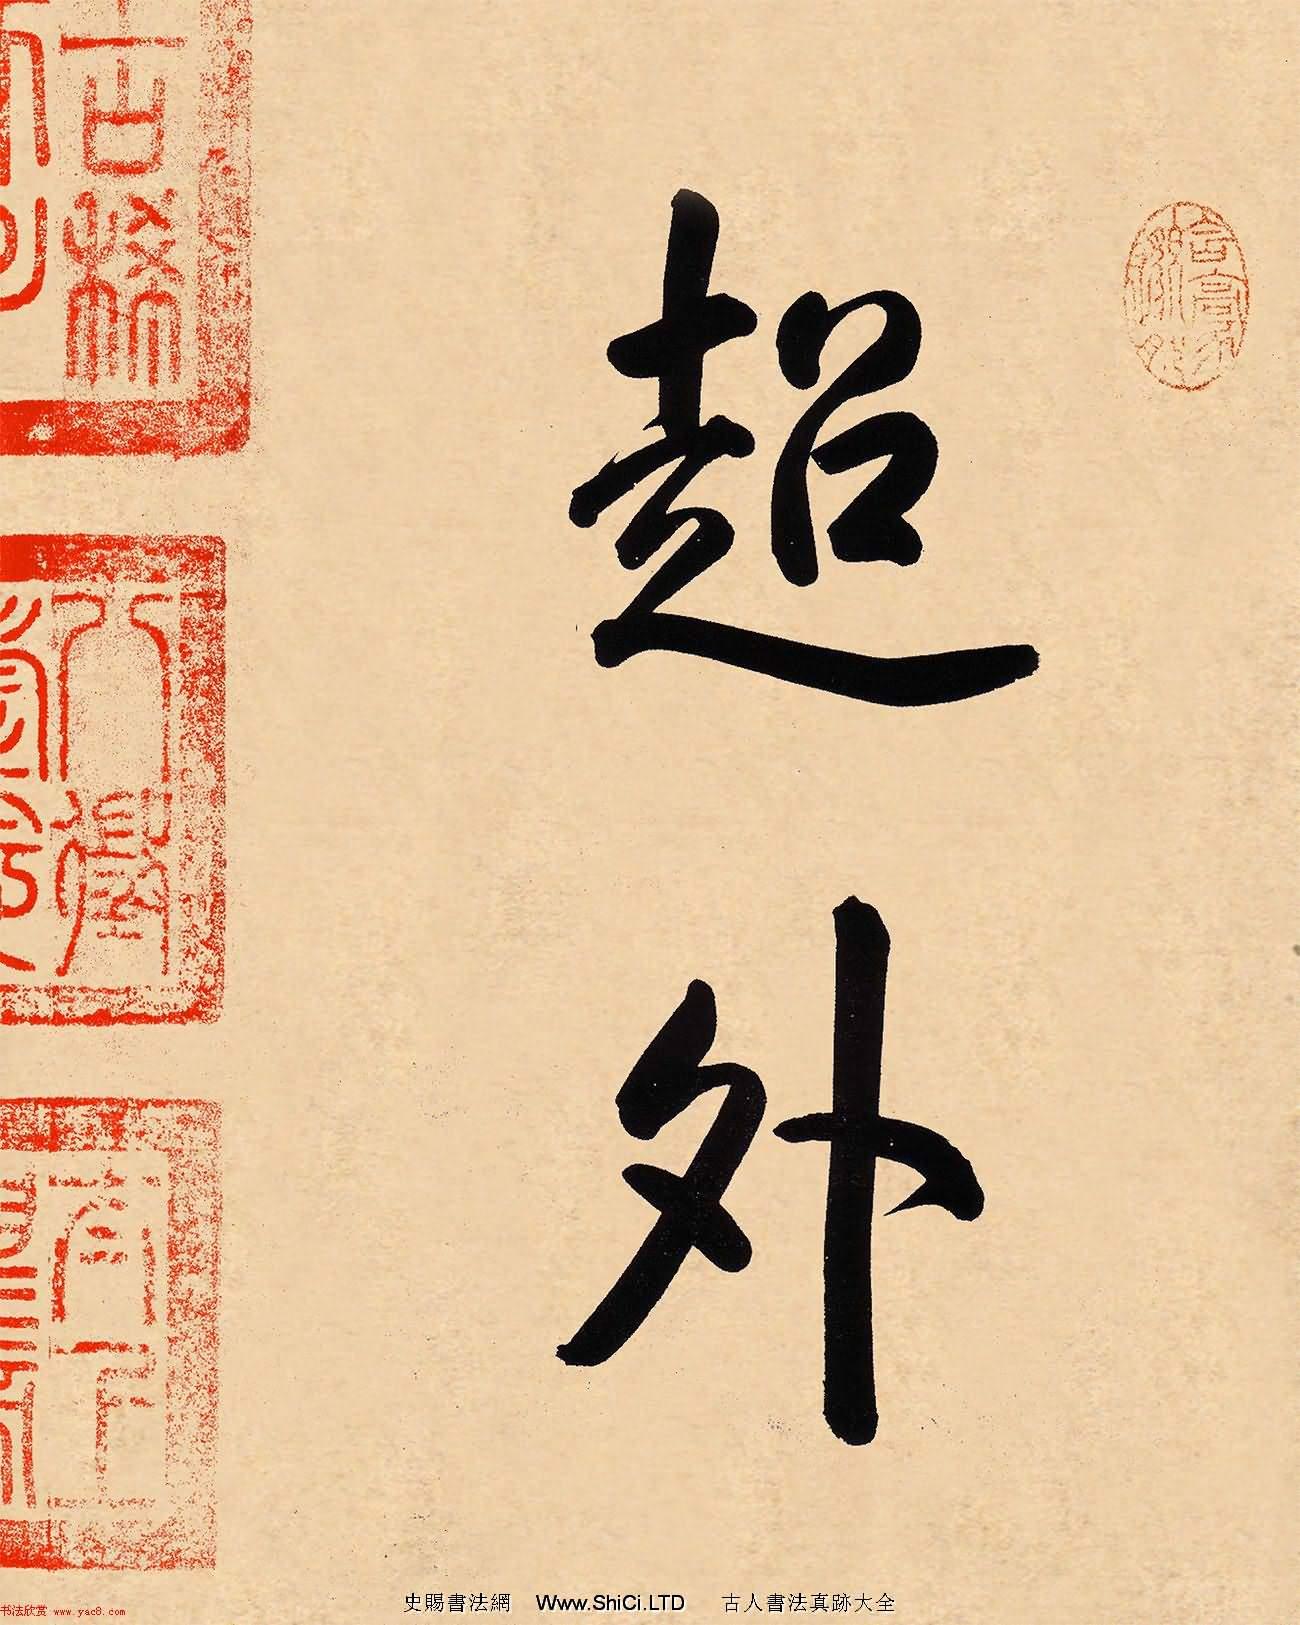 米芾31歲小行楷《離騷經》冊頁(共60張圖片)